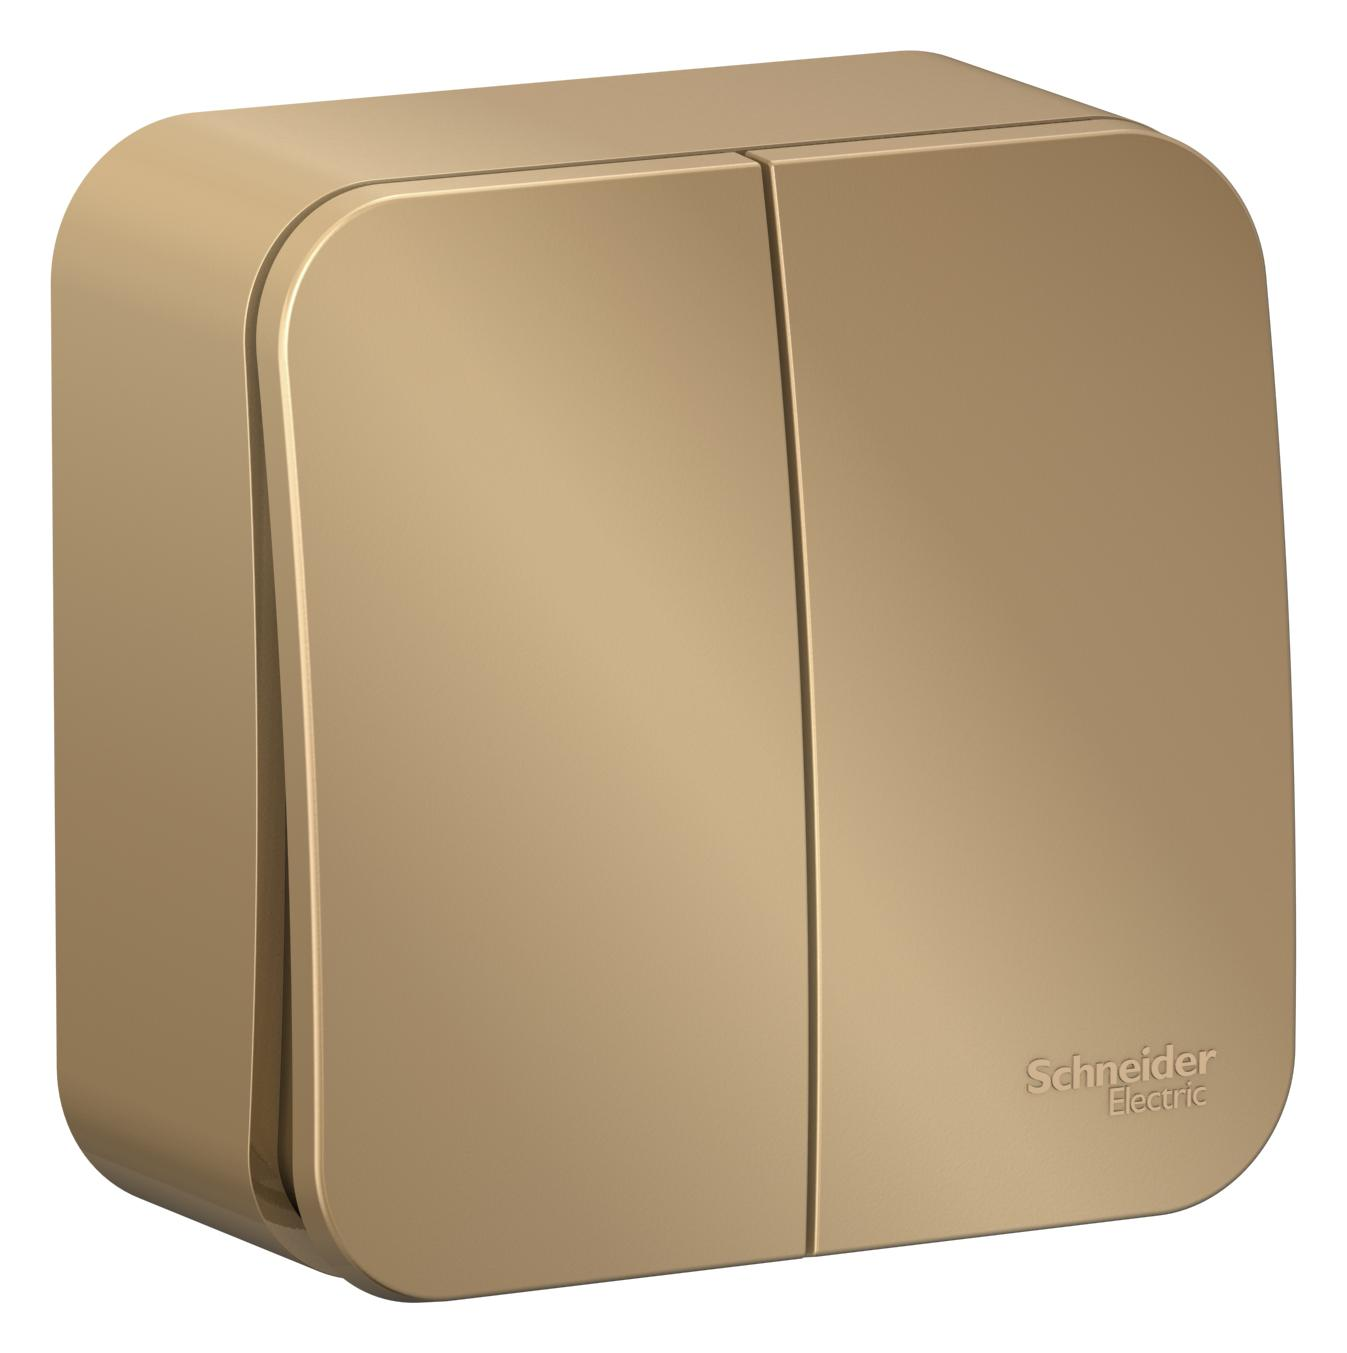 Выключатель Schneider electric Blnva105004 blanca выключатель schneider electric blnva105014 blanca